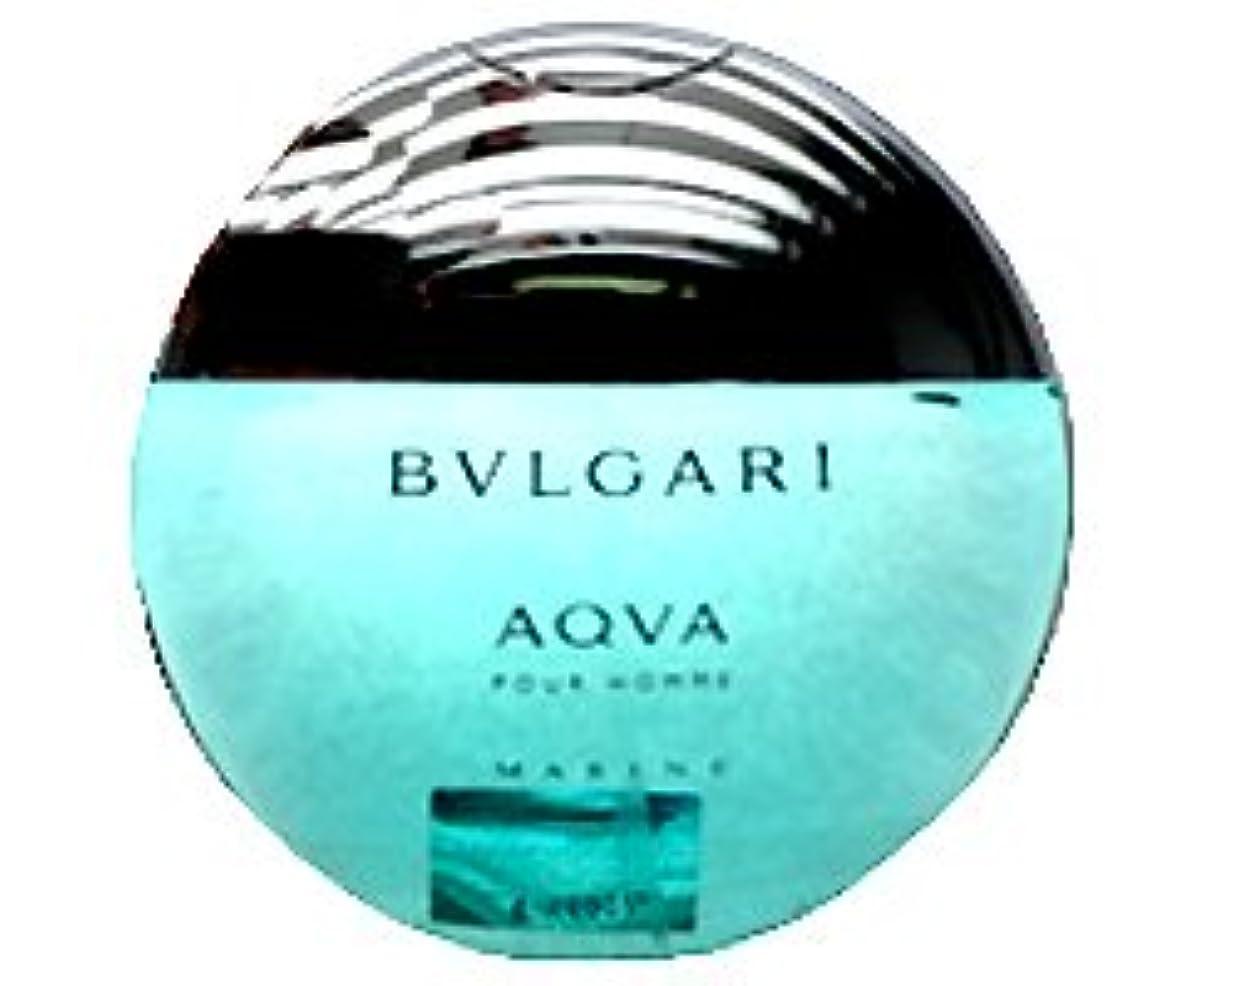 排泄物パフリレー【テスター】BVLGARI ブルガリ アクア プールオム マリン EDT SP 100ml